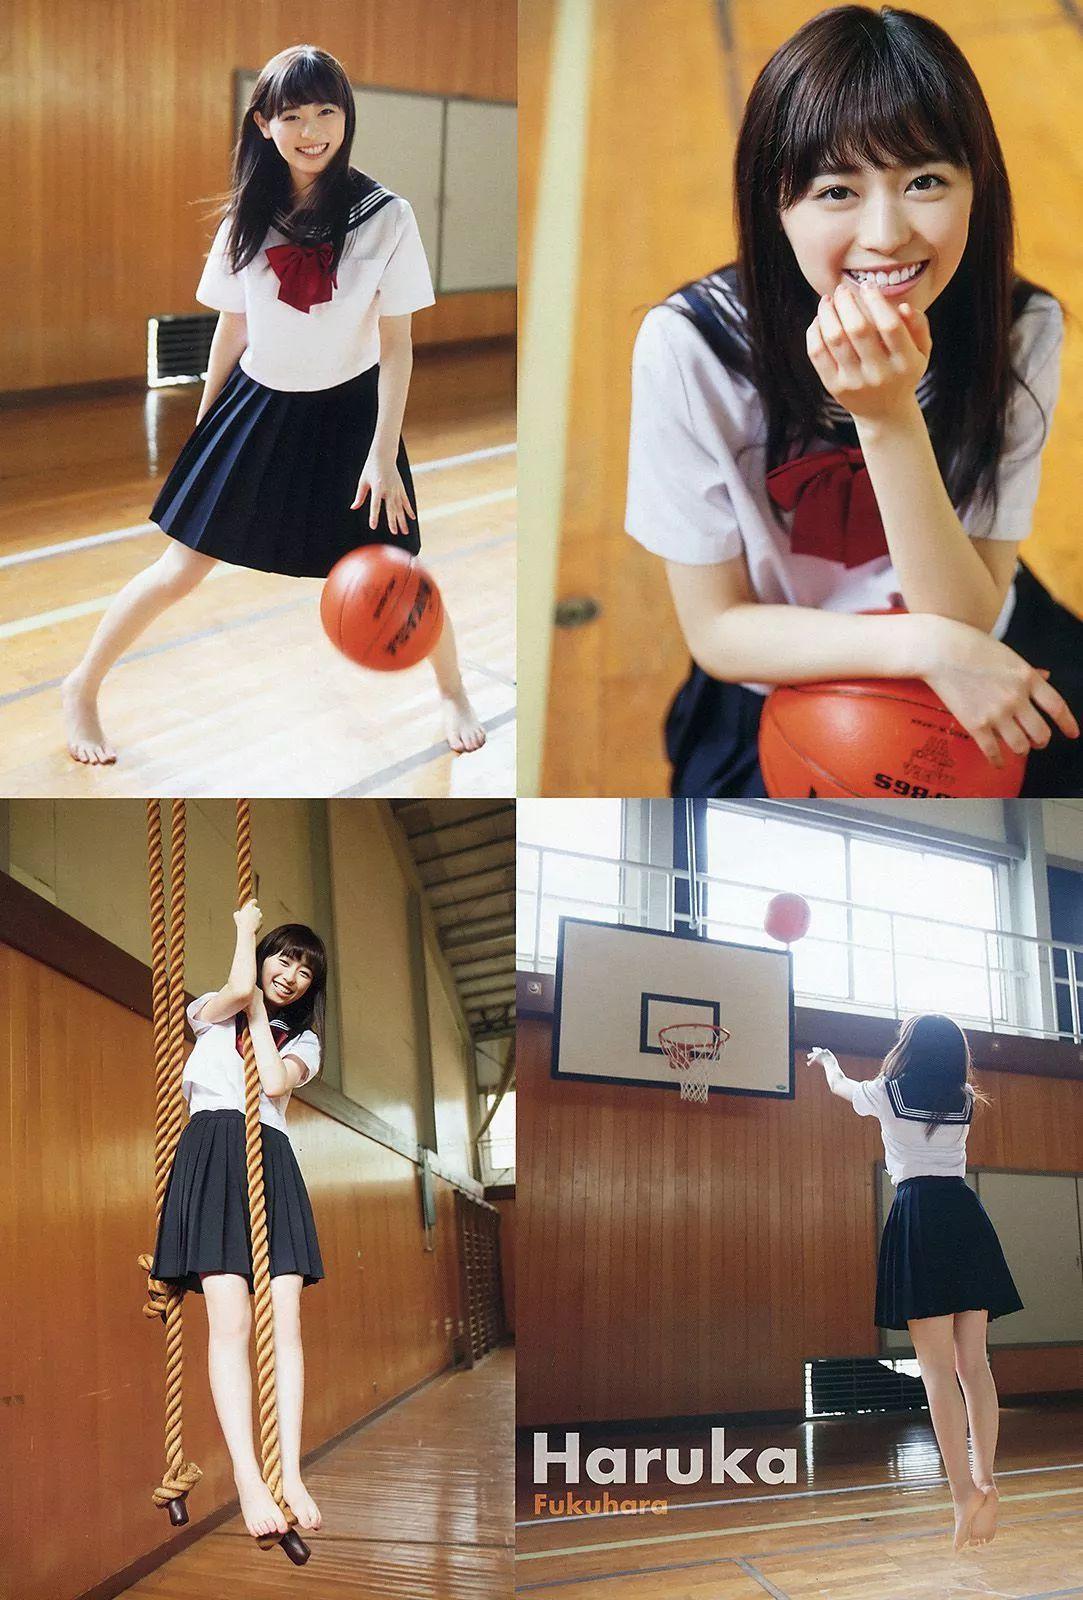 真的是甜到冒泡的美少女福原遥写真作品 (24)